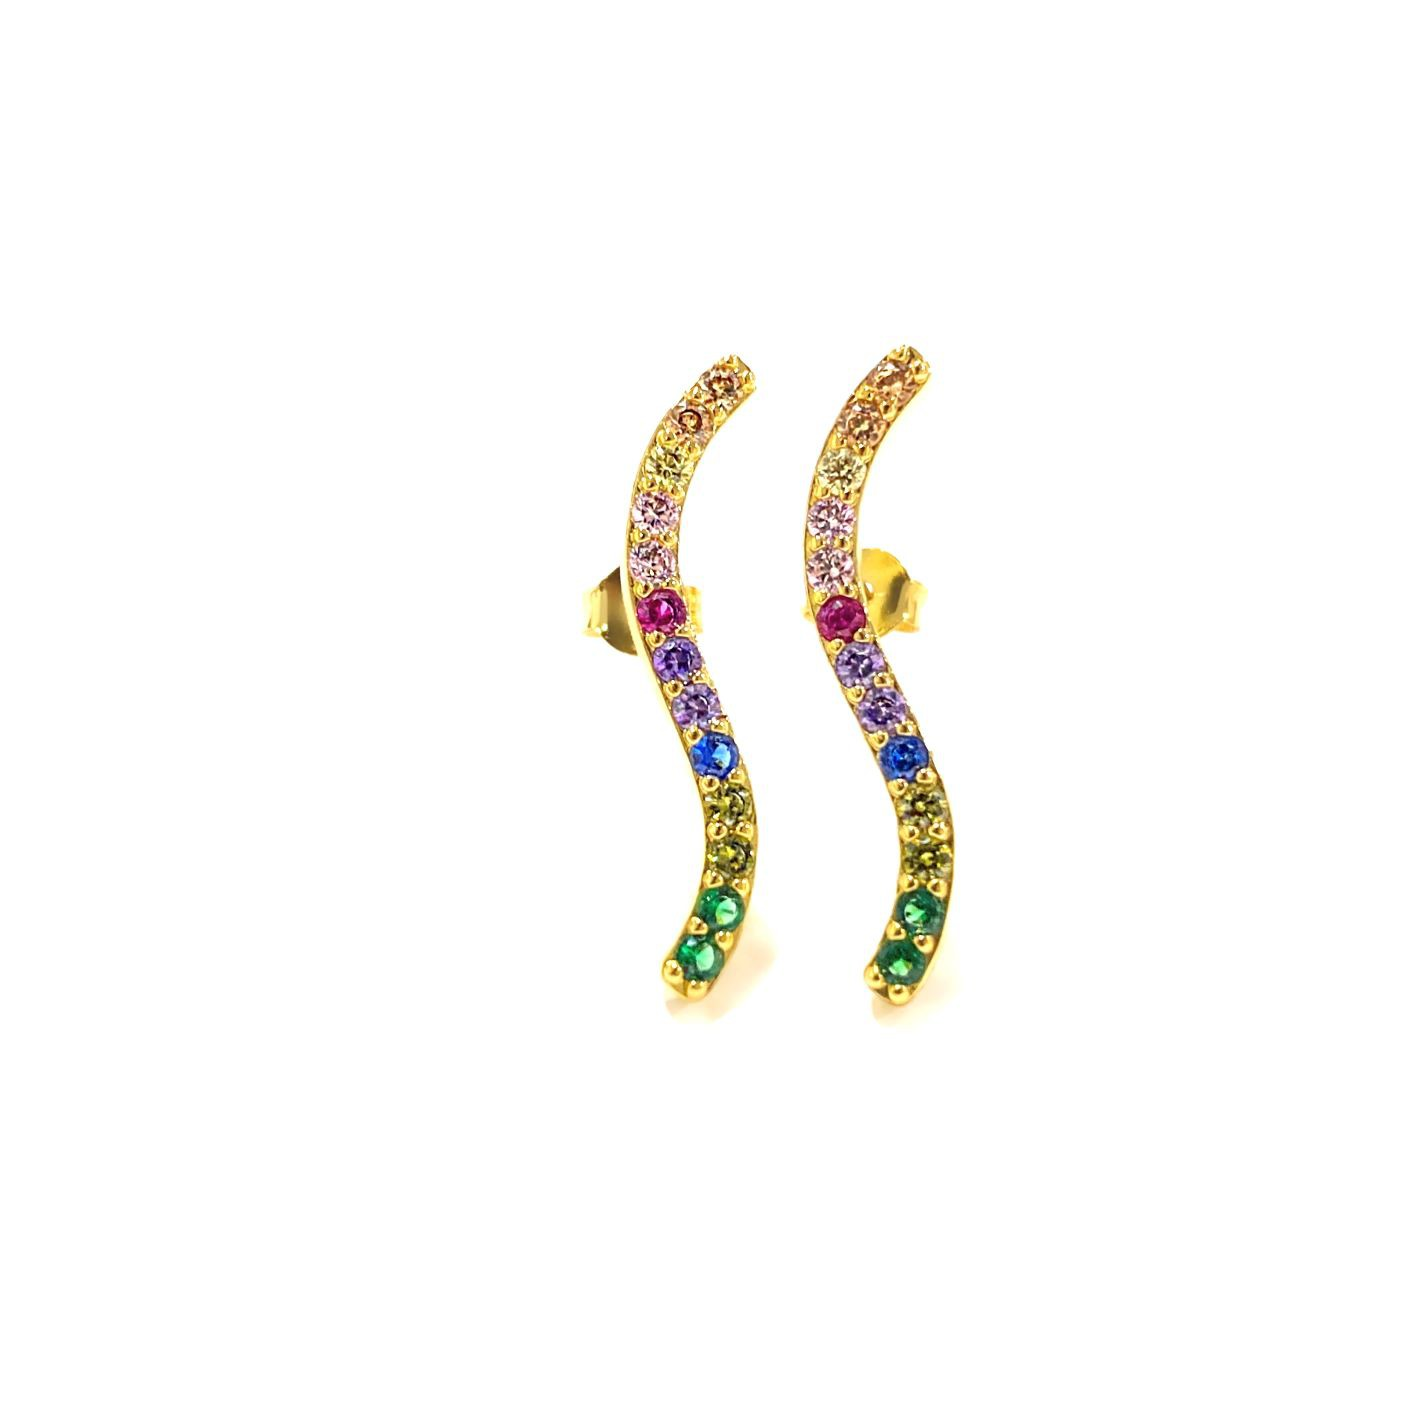 Brinco Cravejado Colors Zircônia (Banho Ouro 24k)